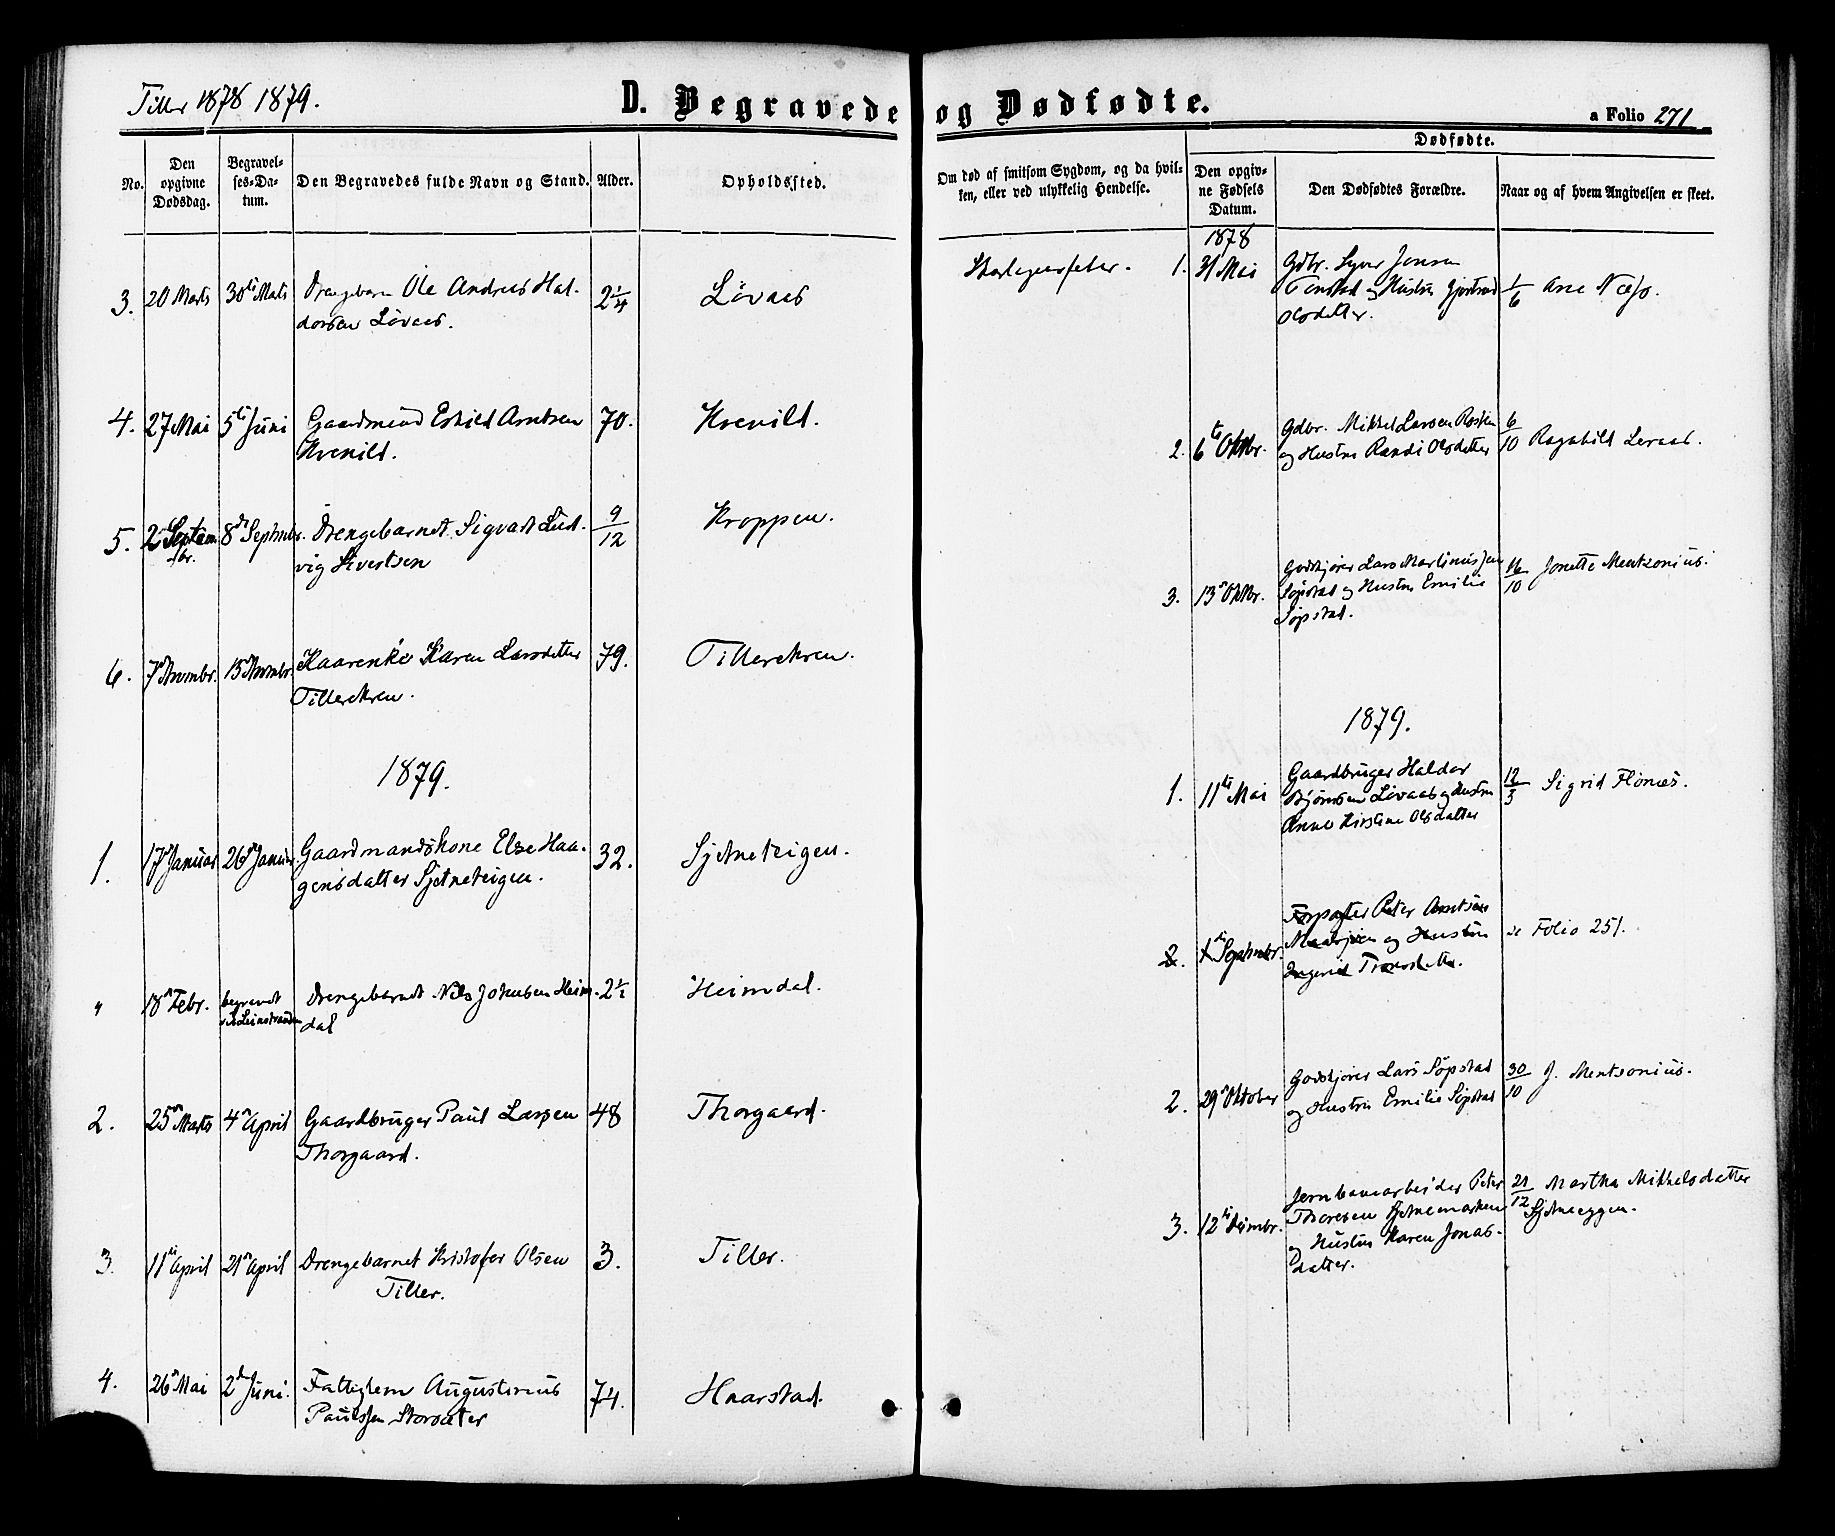 SAT, Ministerialprotokoller, klokkerbøker og fødselsregistre - Sør-Trøndelag, 618/L0443: Ministerialbok nr. 618A06 /2, 1863-1879, s. 271